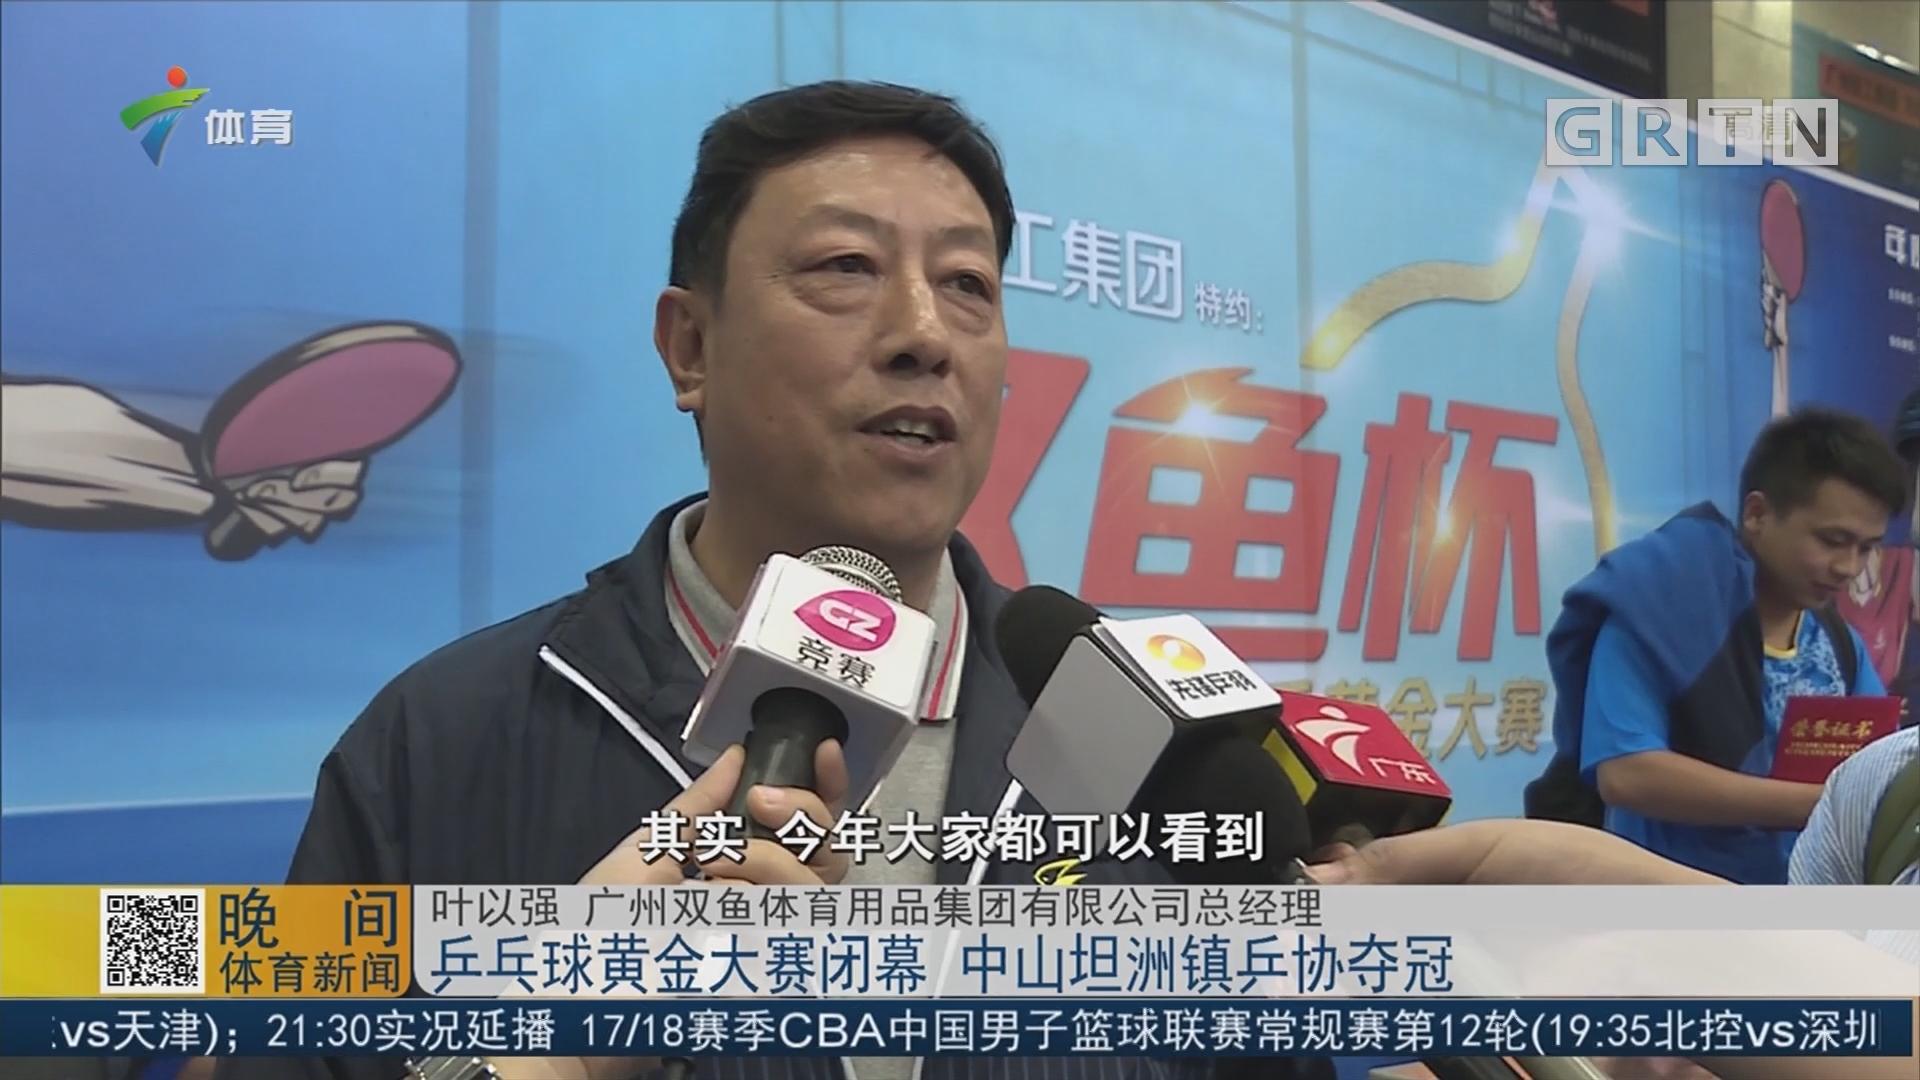 乒乓球黄金大赛闭幕 中山坦洲镇乒协夺冠